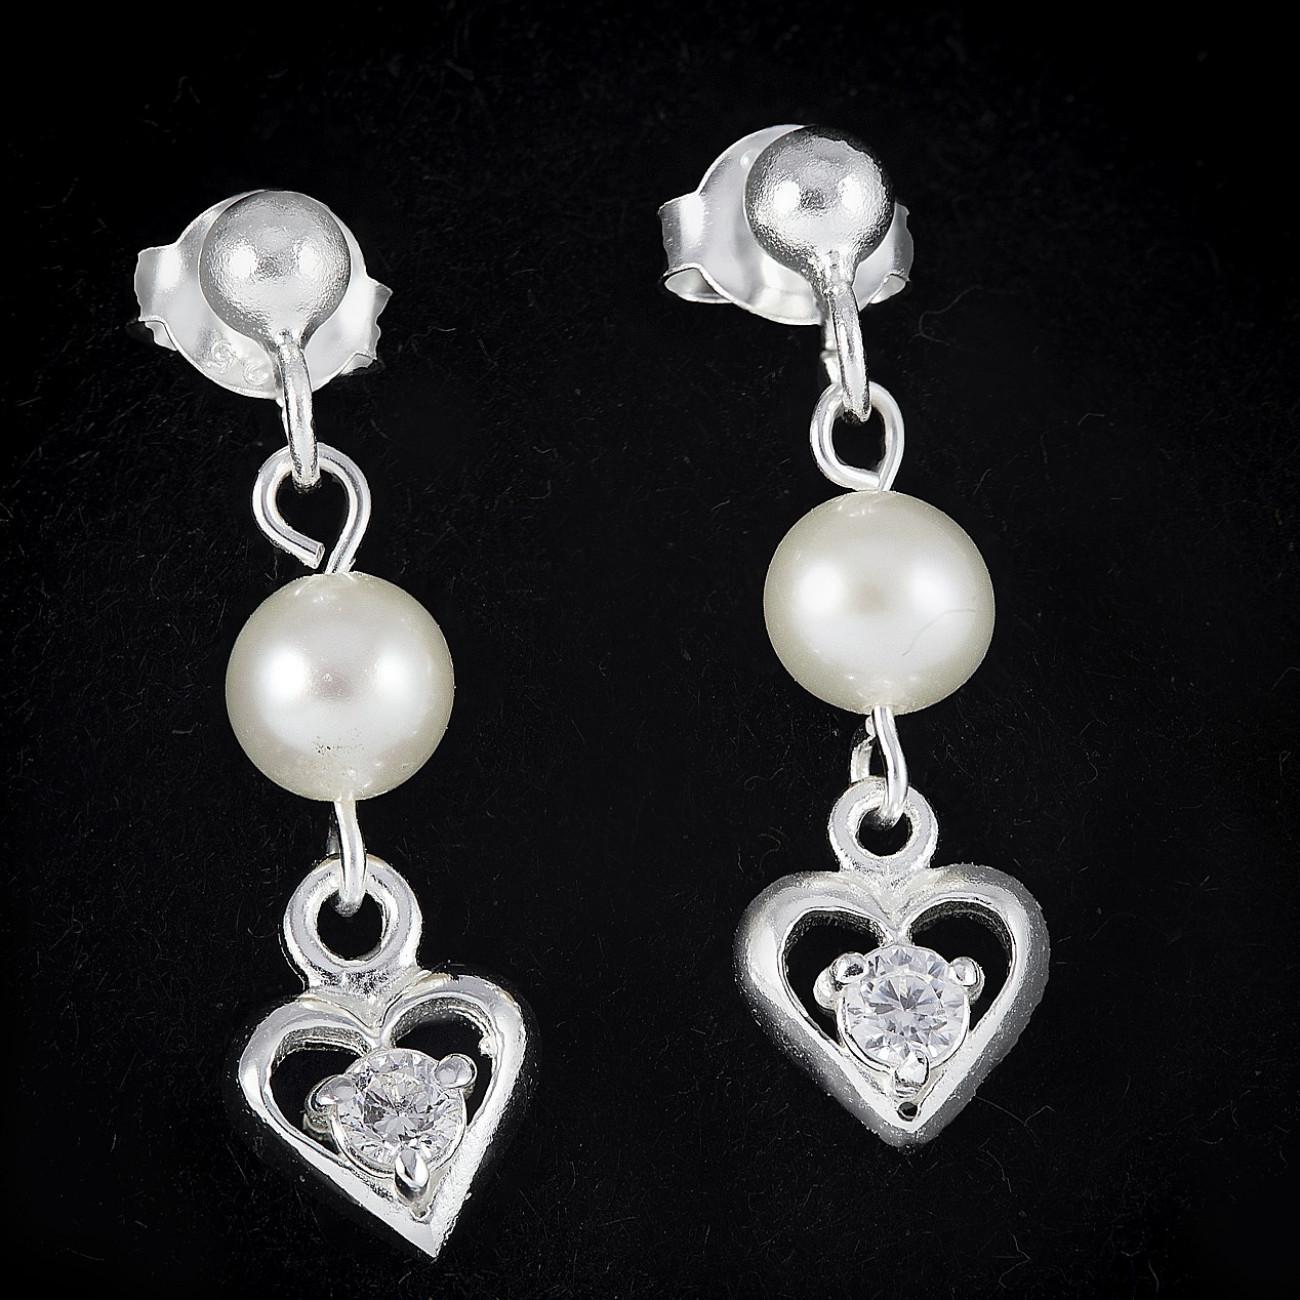 Stříbrné náušnice s perlou visací - srdce a perly